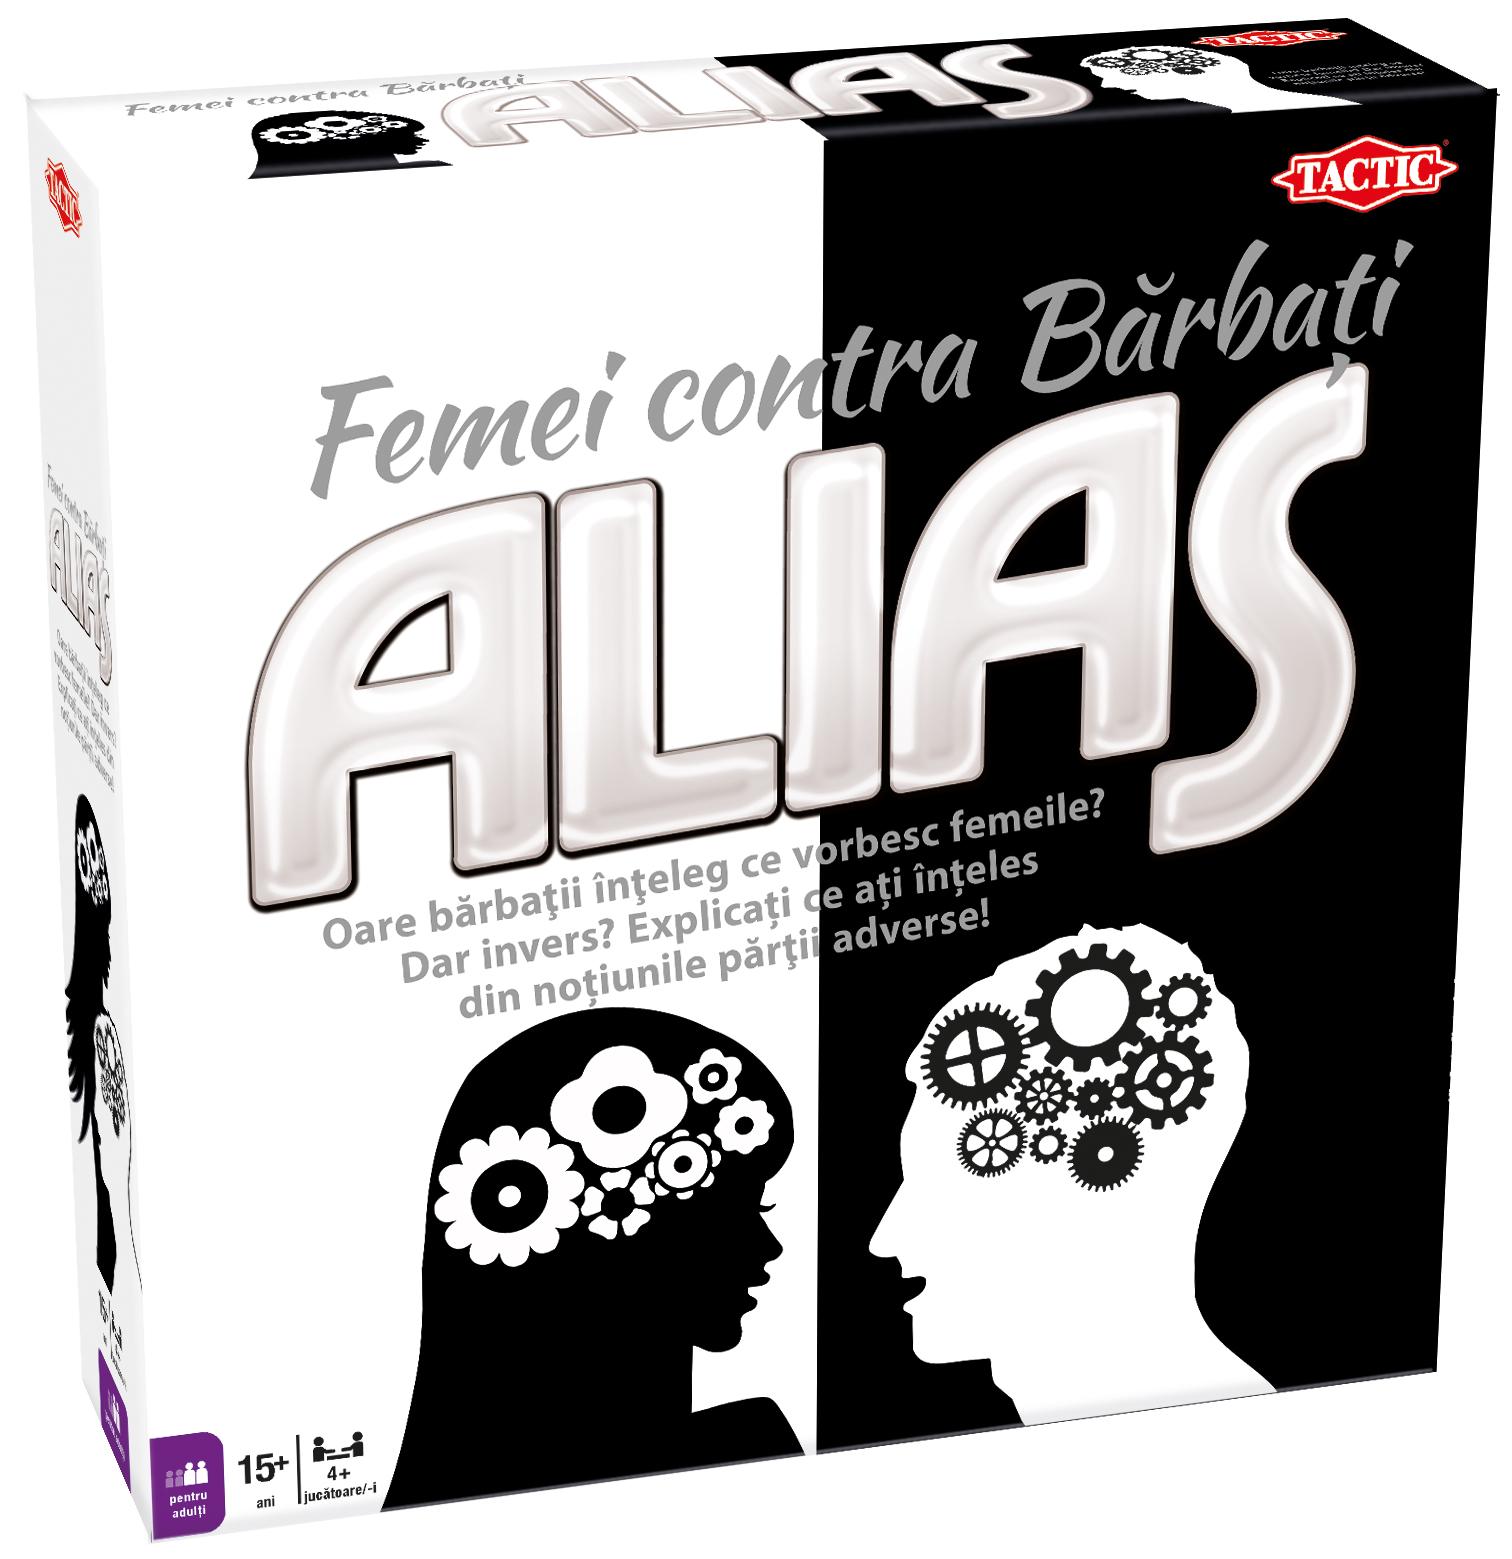 Alias Woman vs Men